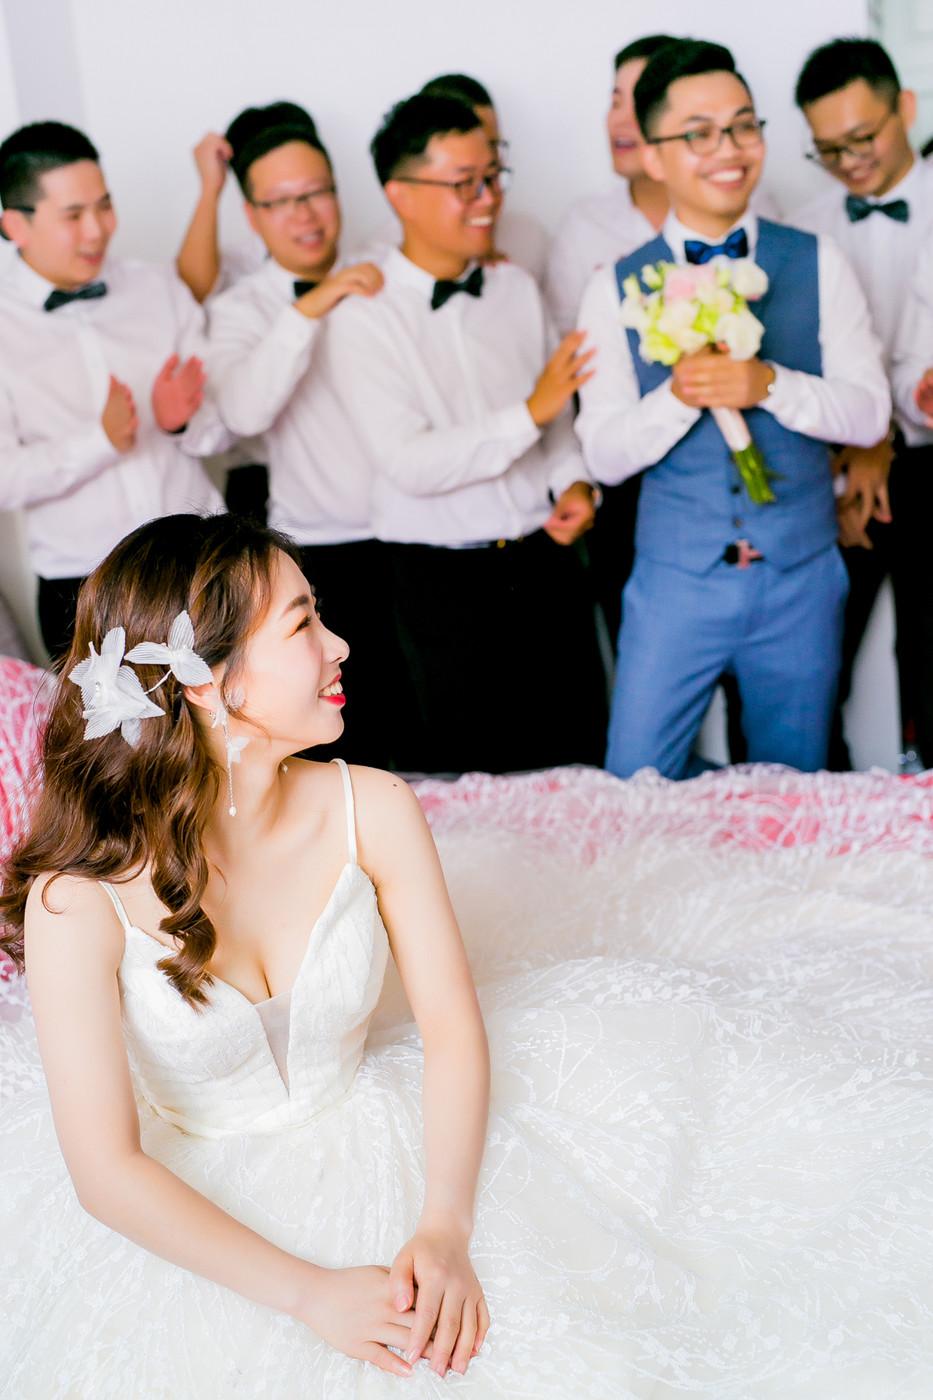 18.08.16婚礼预告2